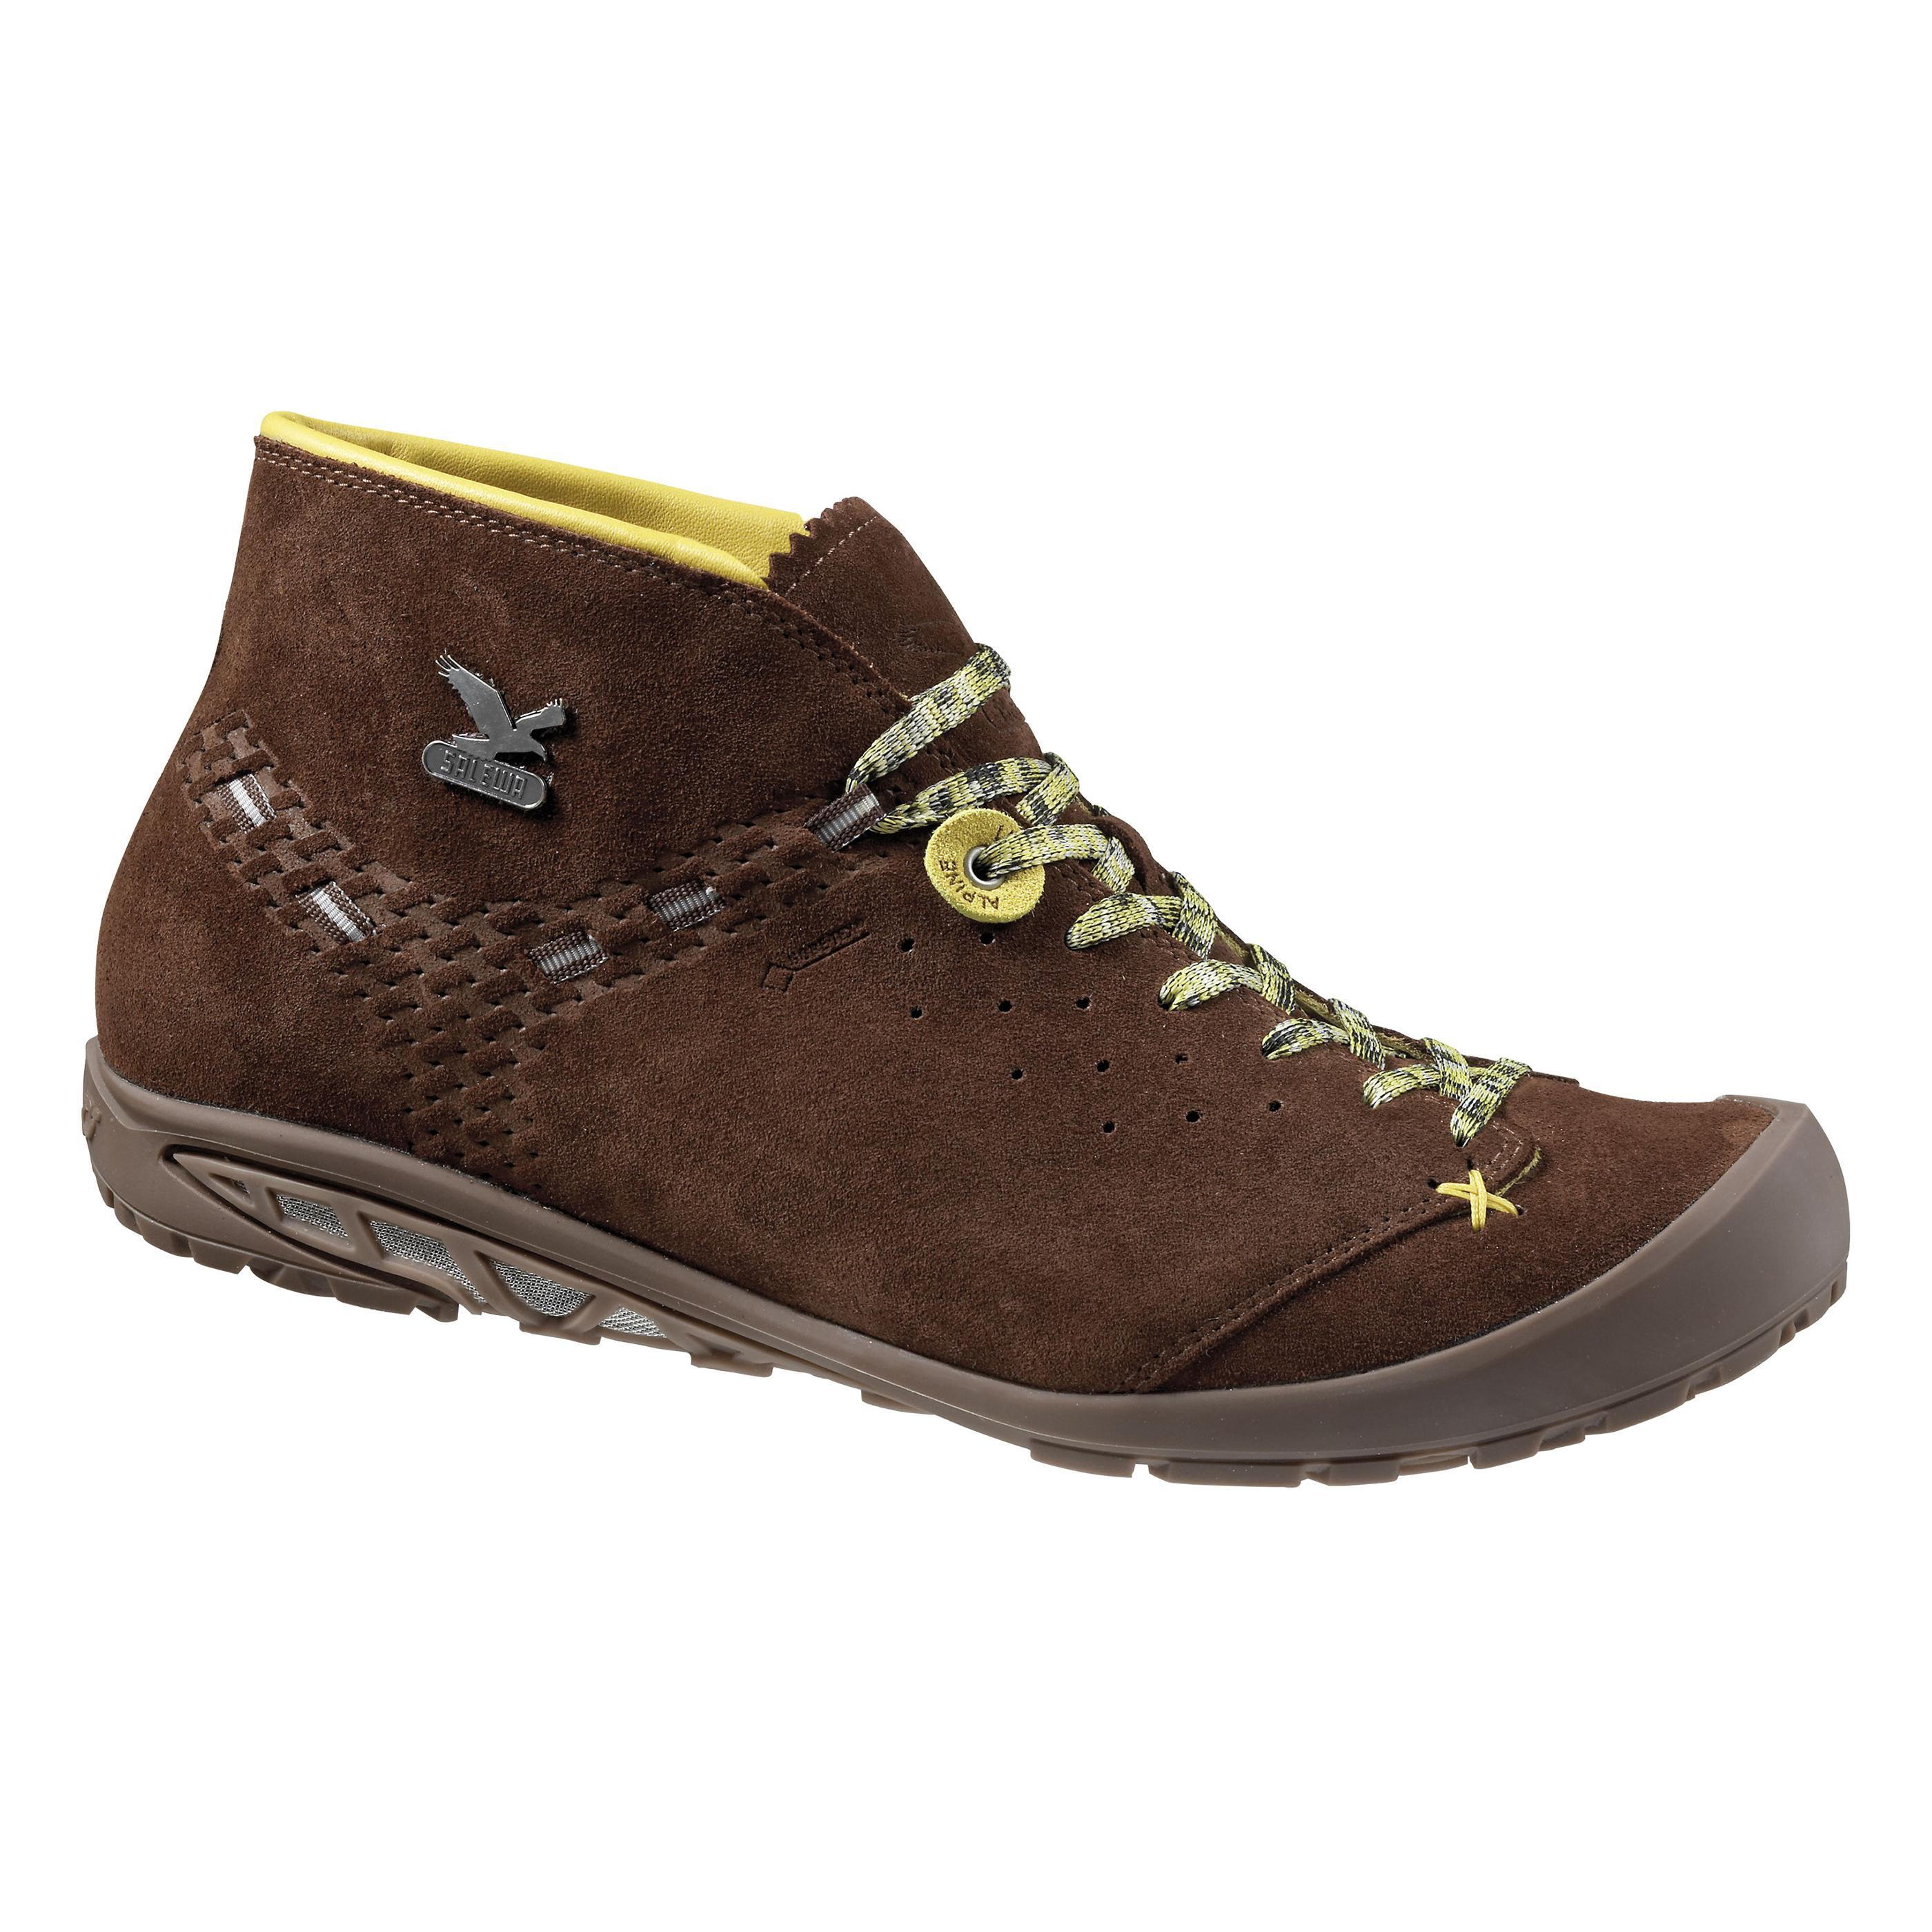 Купить Ботинки городские (высокие) Salewa Alpine Life MS ESCAPE MID GTX Chocolate/Gneiss Обувь для города 1090375